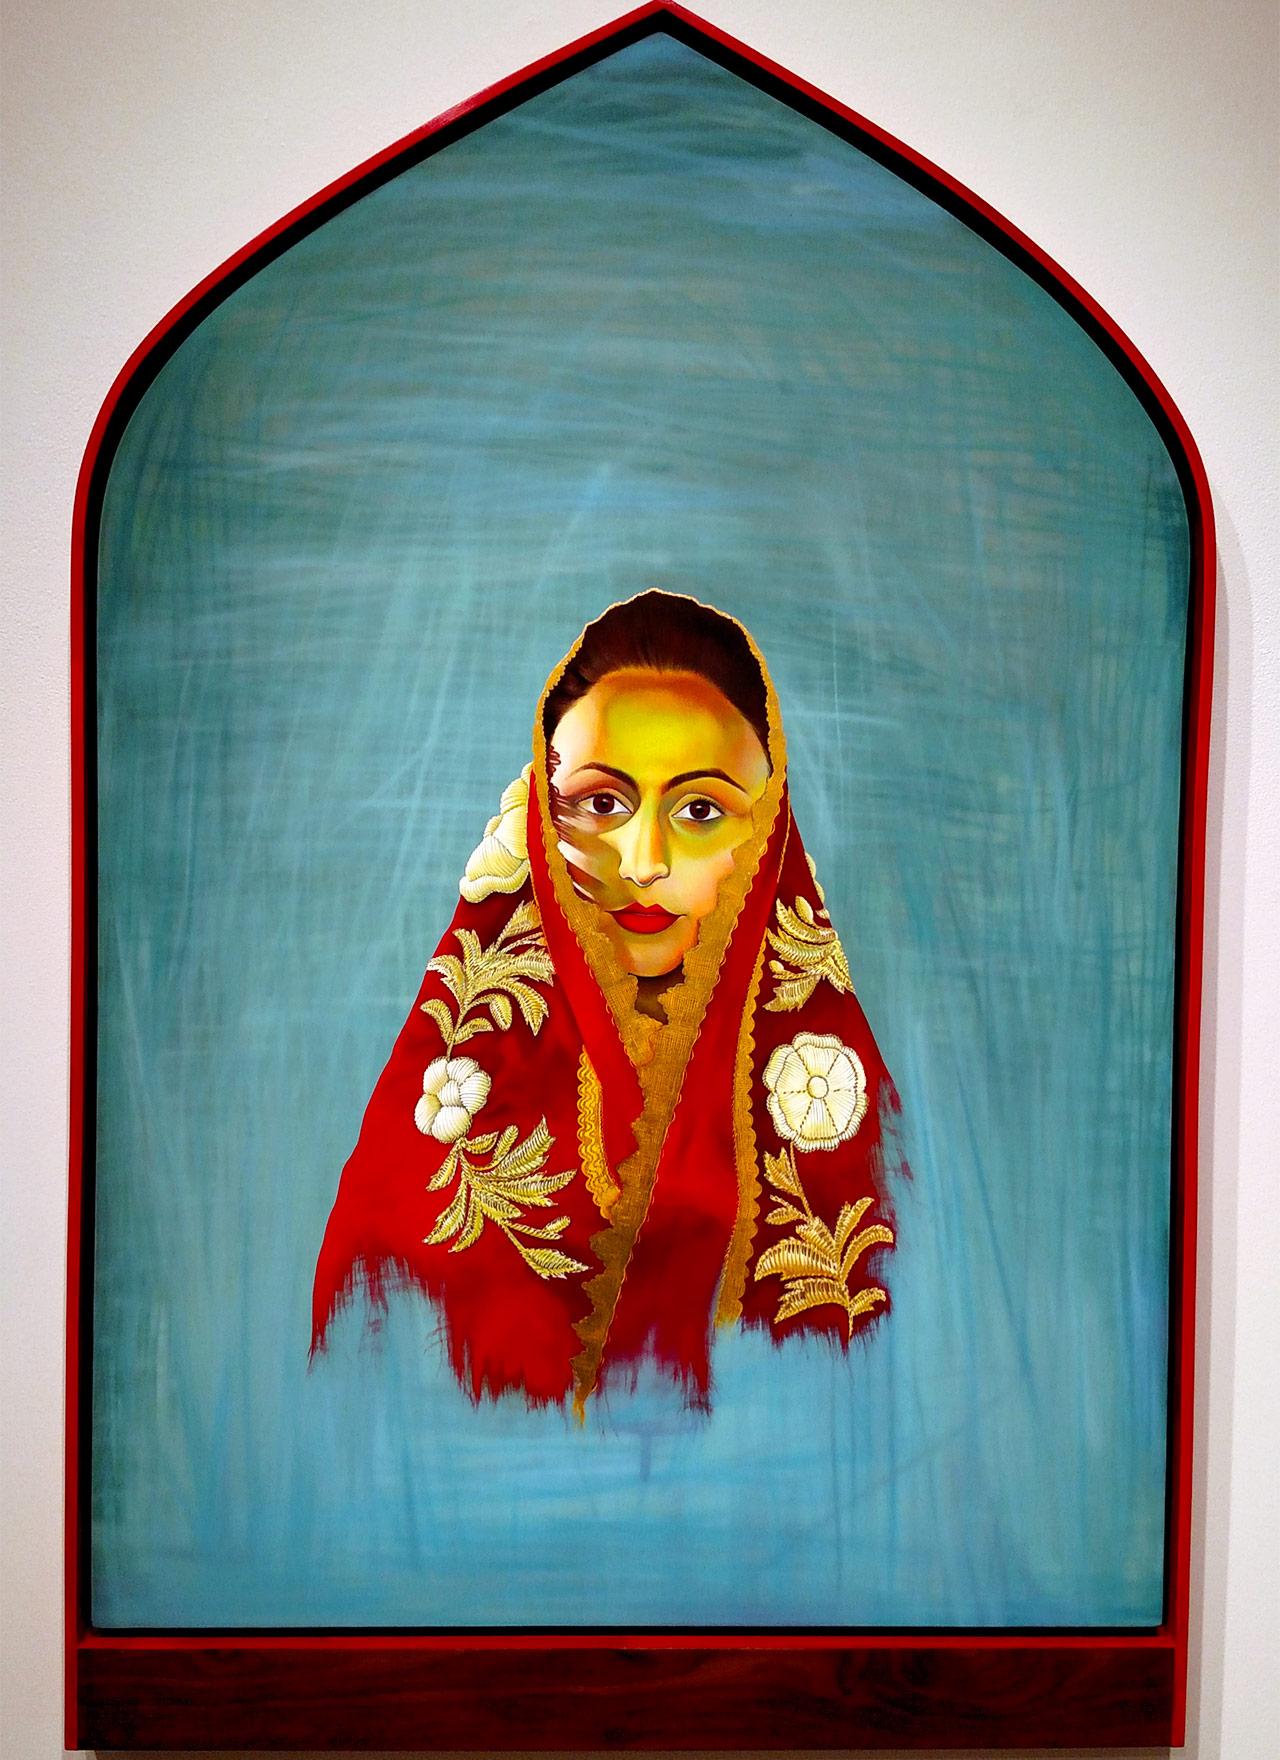 """Taravat Talepasand, """"Andarooni Birooni (Insider Outsider)"""" (2015)"""